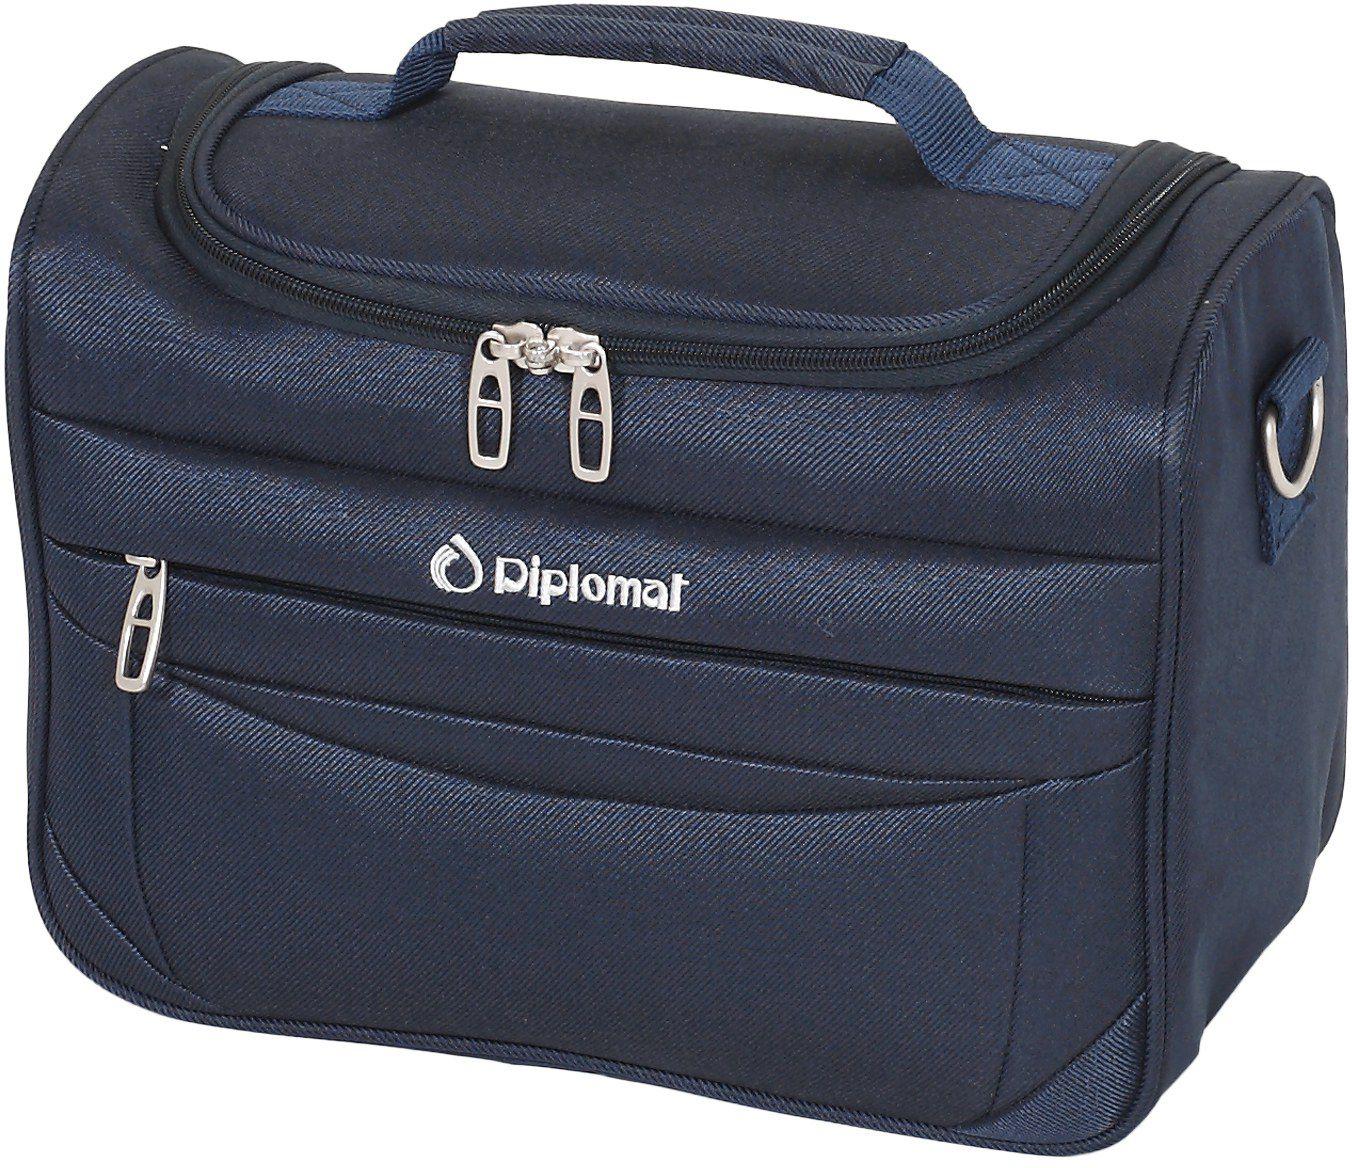 Τσάντα Καμπίνας 32X24X17εκ Diplomat ZC 6300-V32 ειδη ταξιδιου   βαλίτσες   αξεσουαρ ταξιδιου   νεσεσέρ